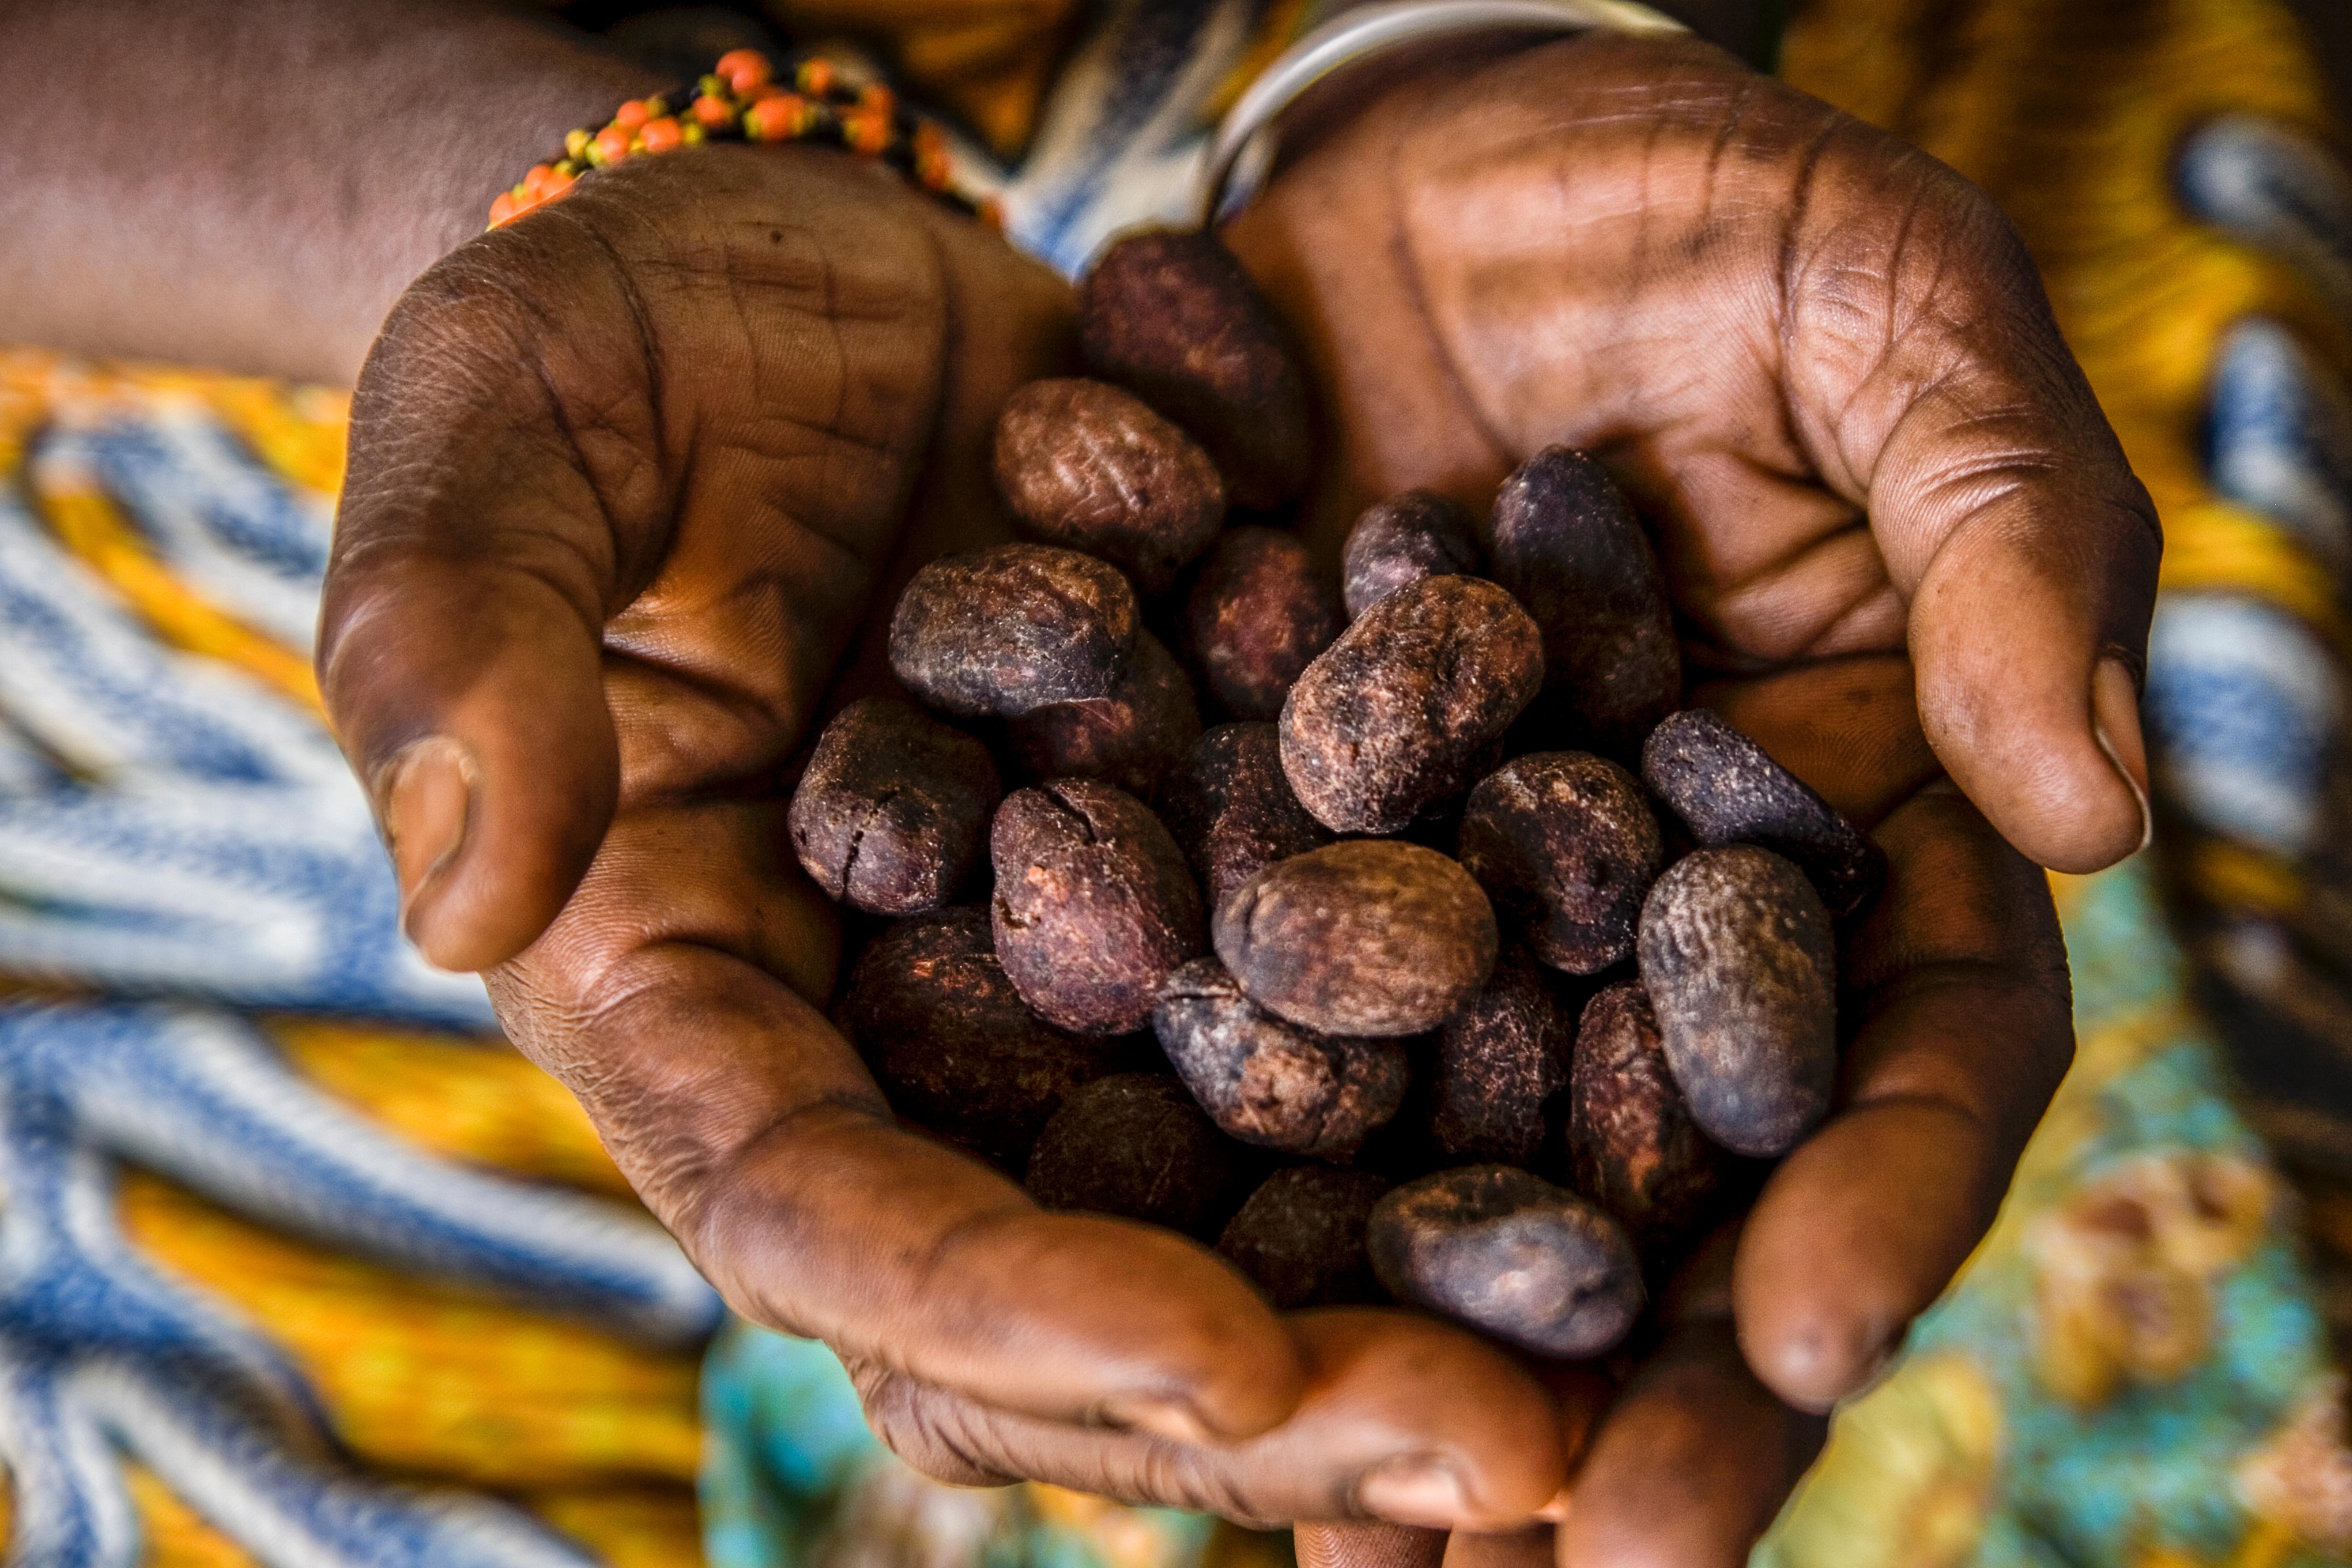 Sheanüsse aus Afrika geröstet zum Herstellen von Sheabutter